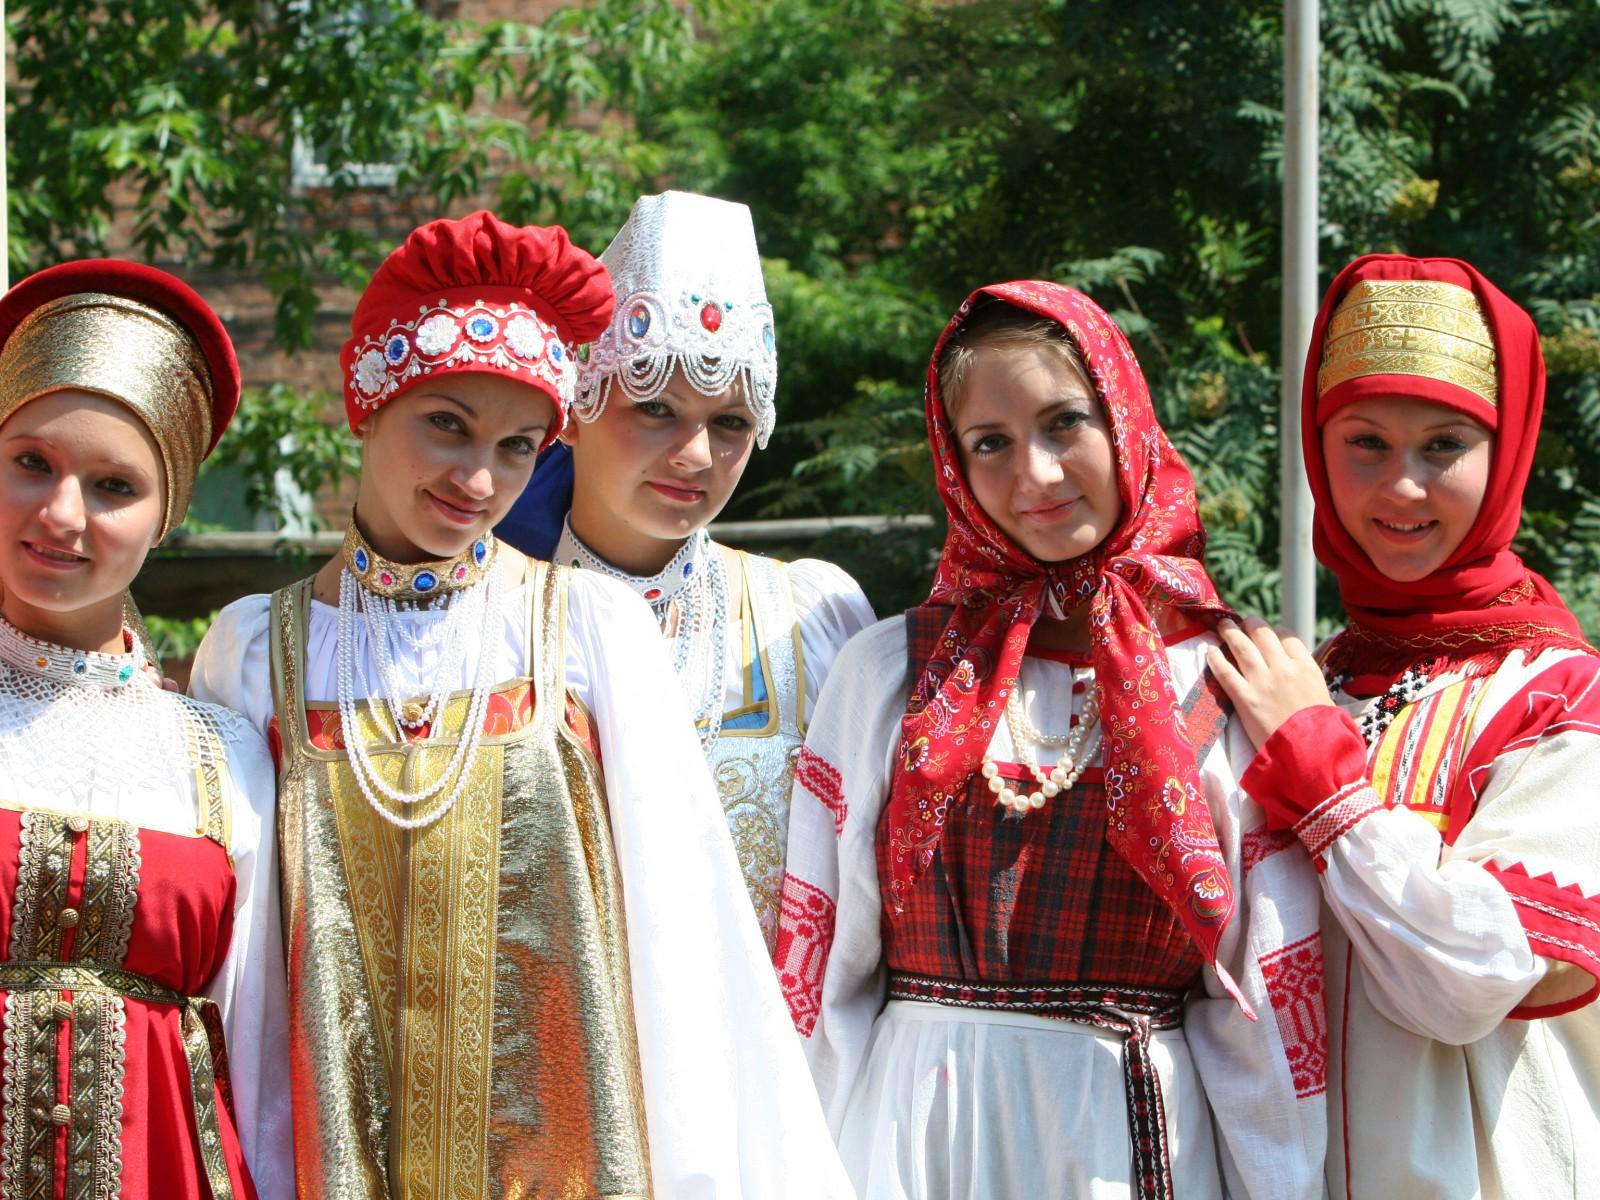 Русский костюм: от традиции до деконструкции.